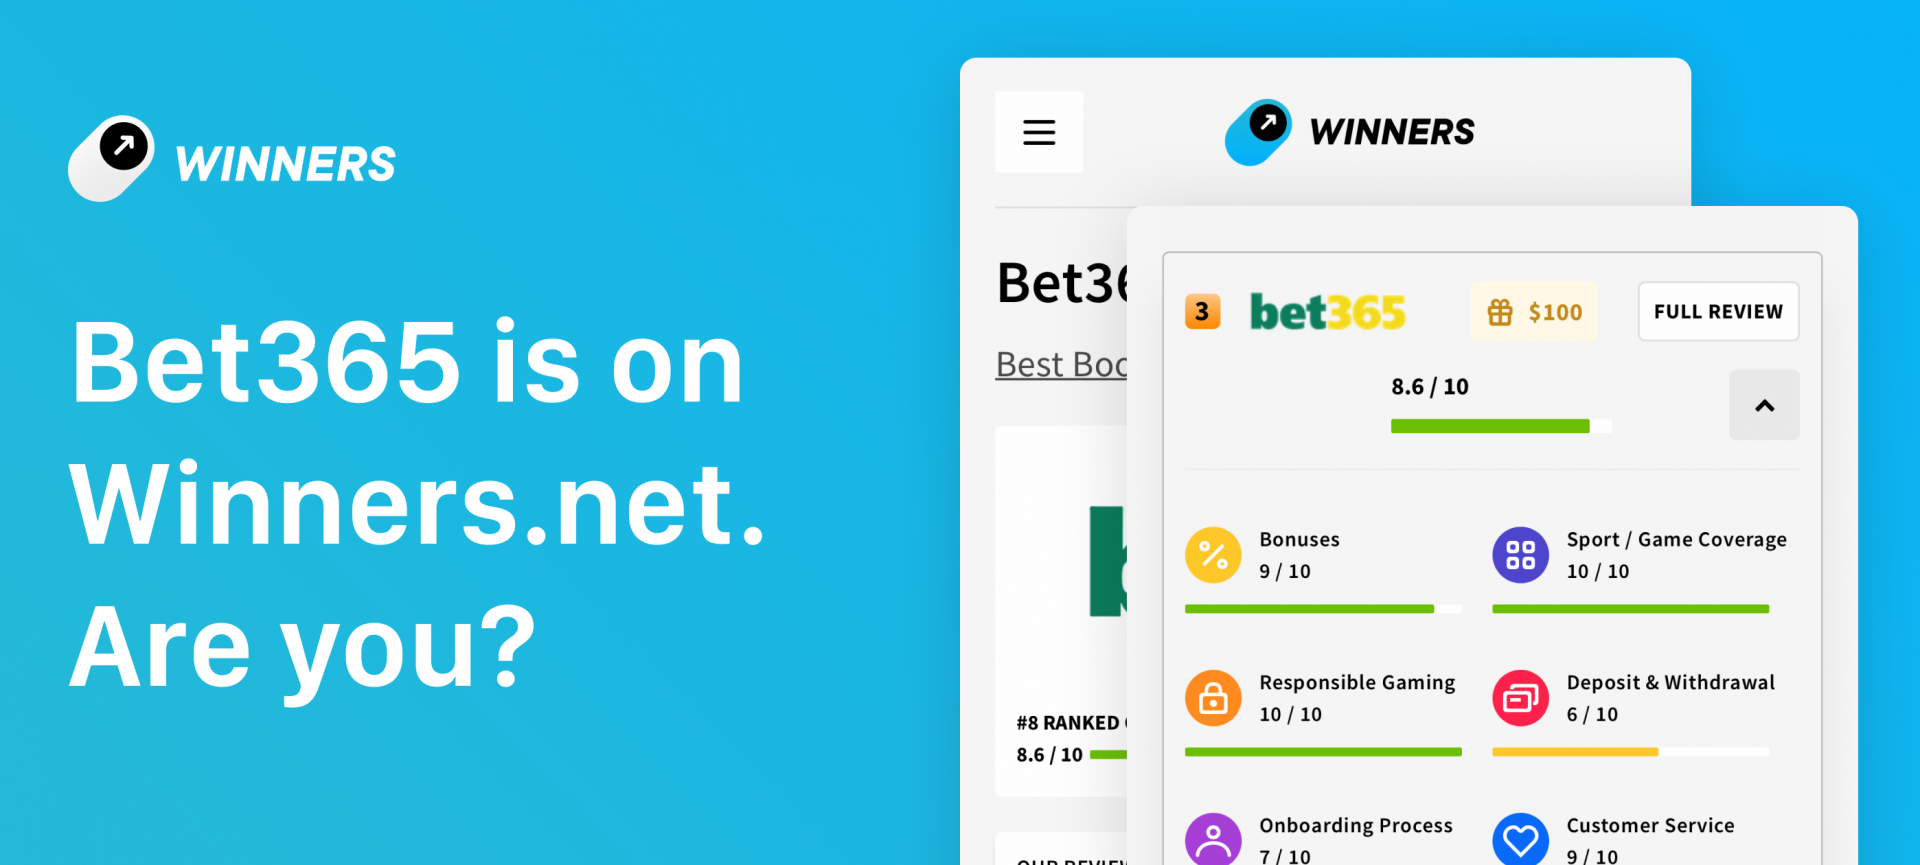 Winners.net x Bet365